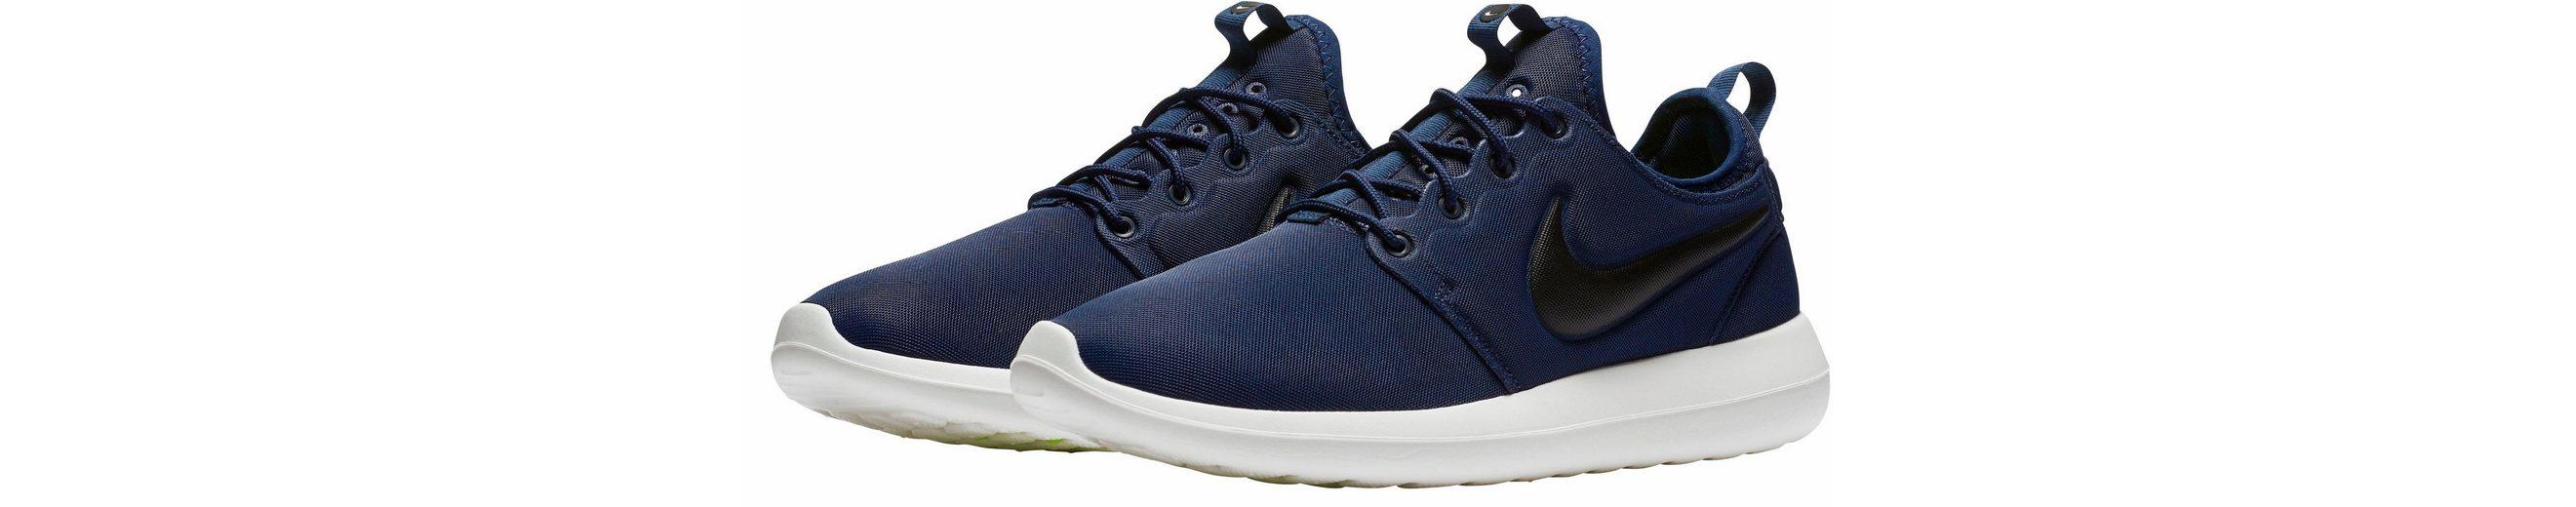 Nike Sportswear Roshe Two Sneaker Billig Verkaufen Gefälschte Niedrigster Preis Günstig Online Billig Erschwinglich Billig Verkauf Versorgung 9LtPS80dVs